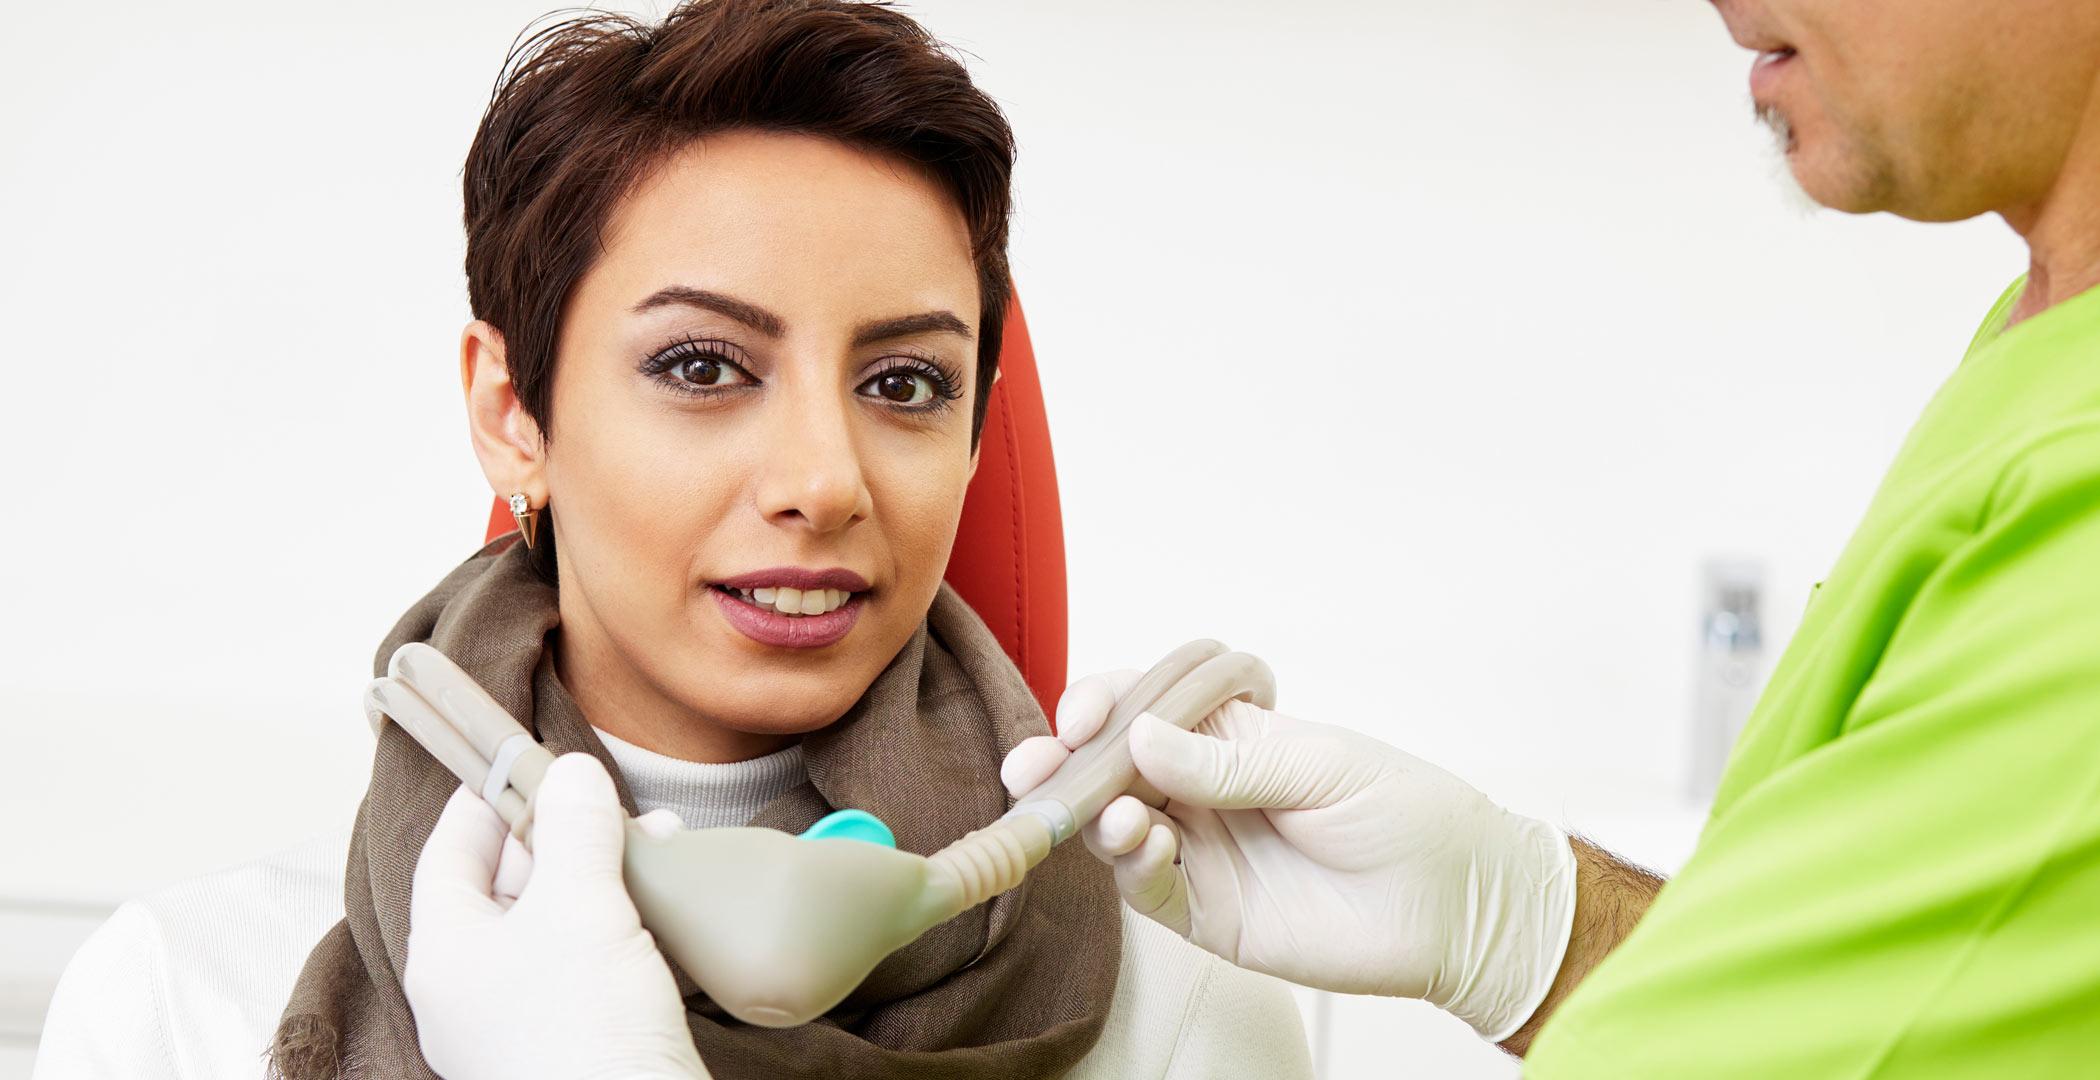 zahnaerzte-andernach-lachgastherapie-und-sedierung